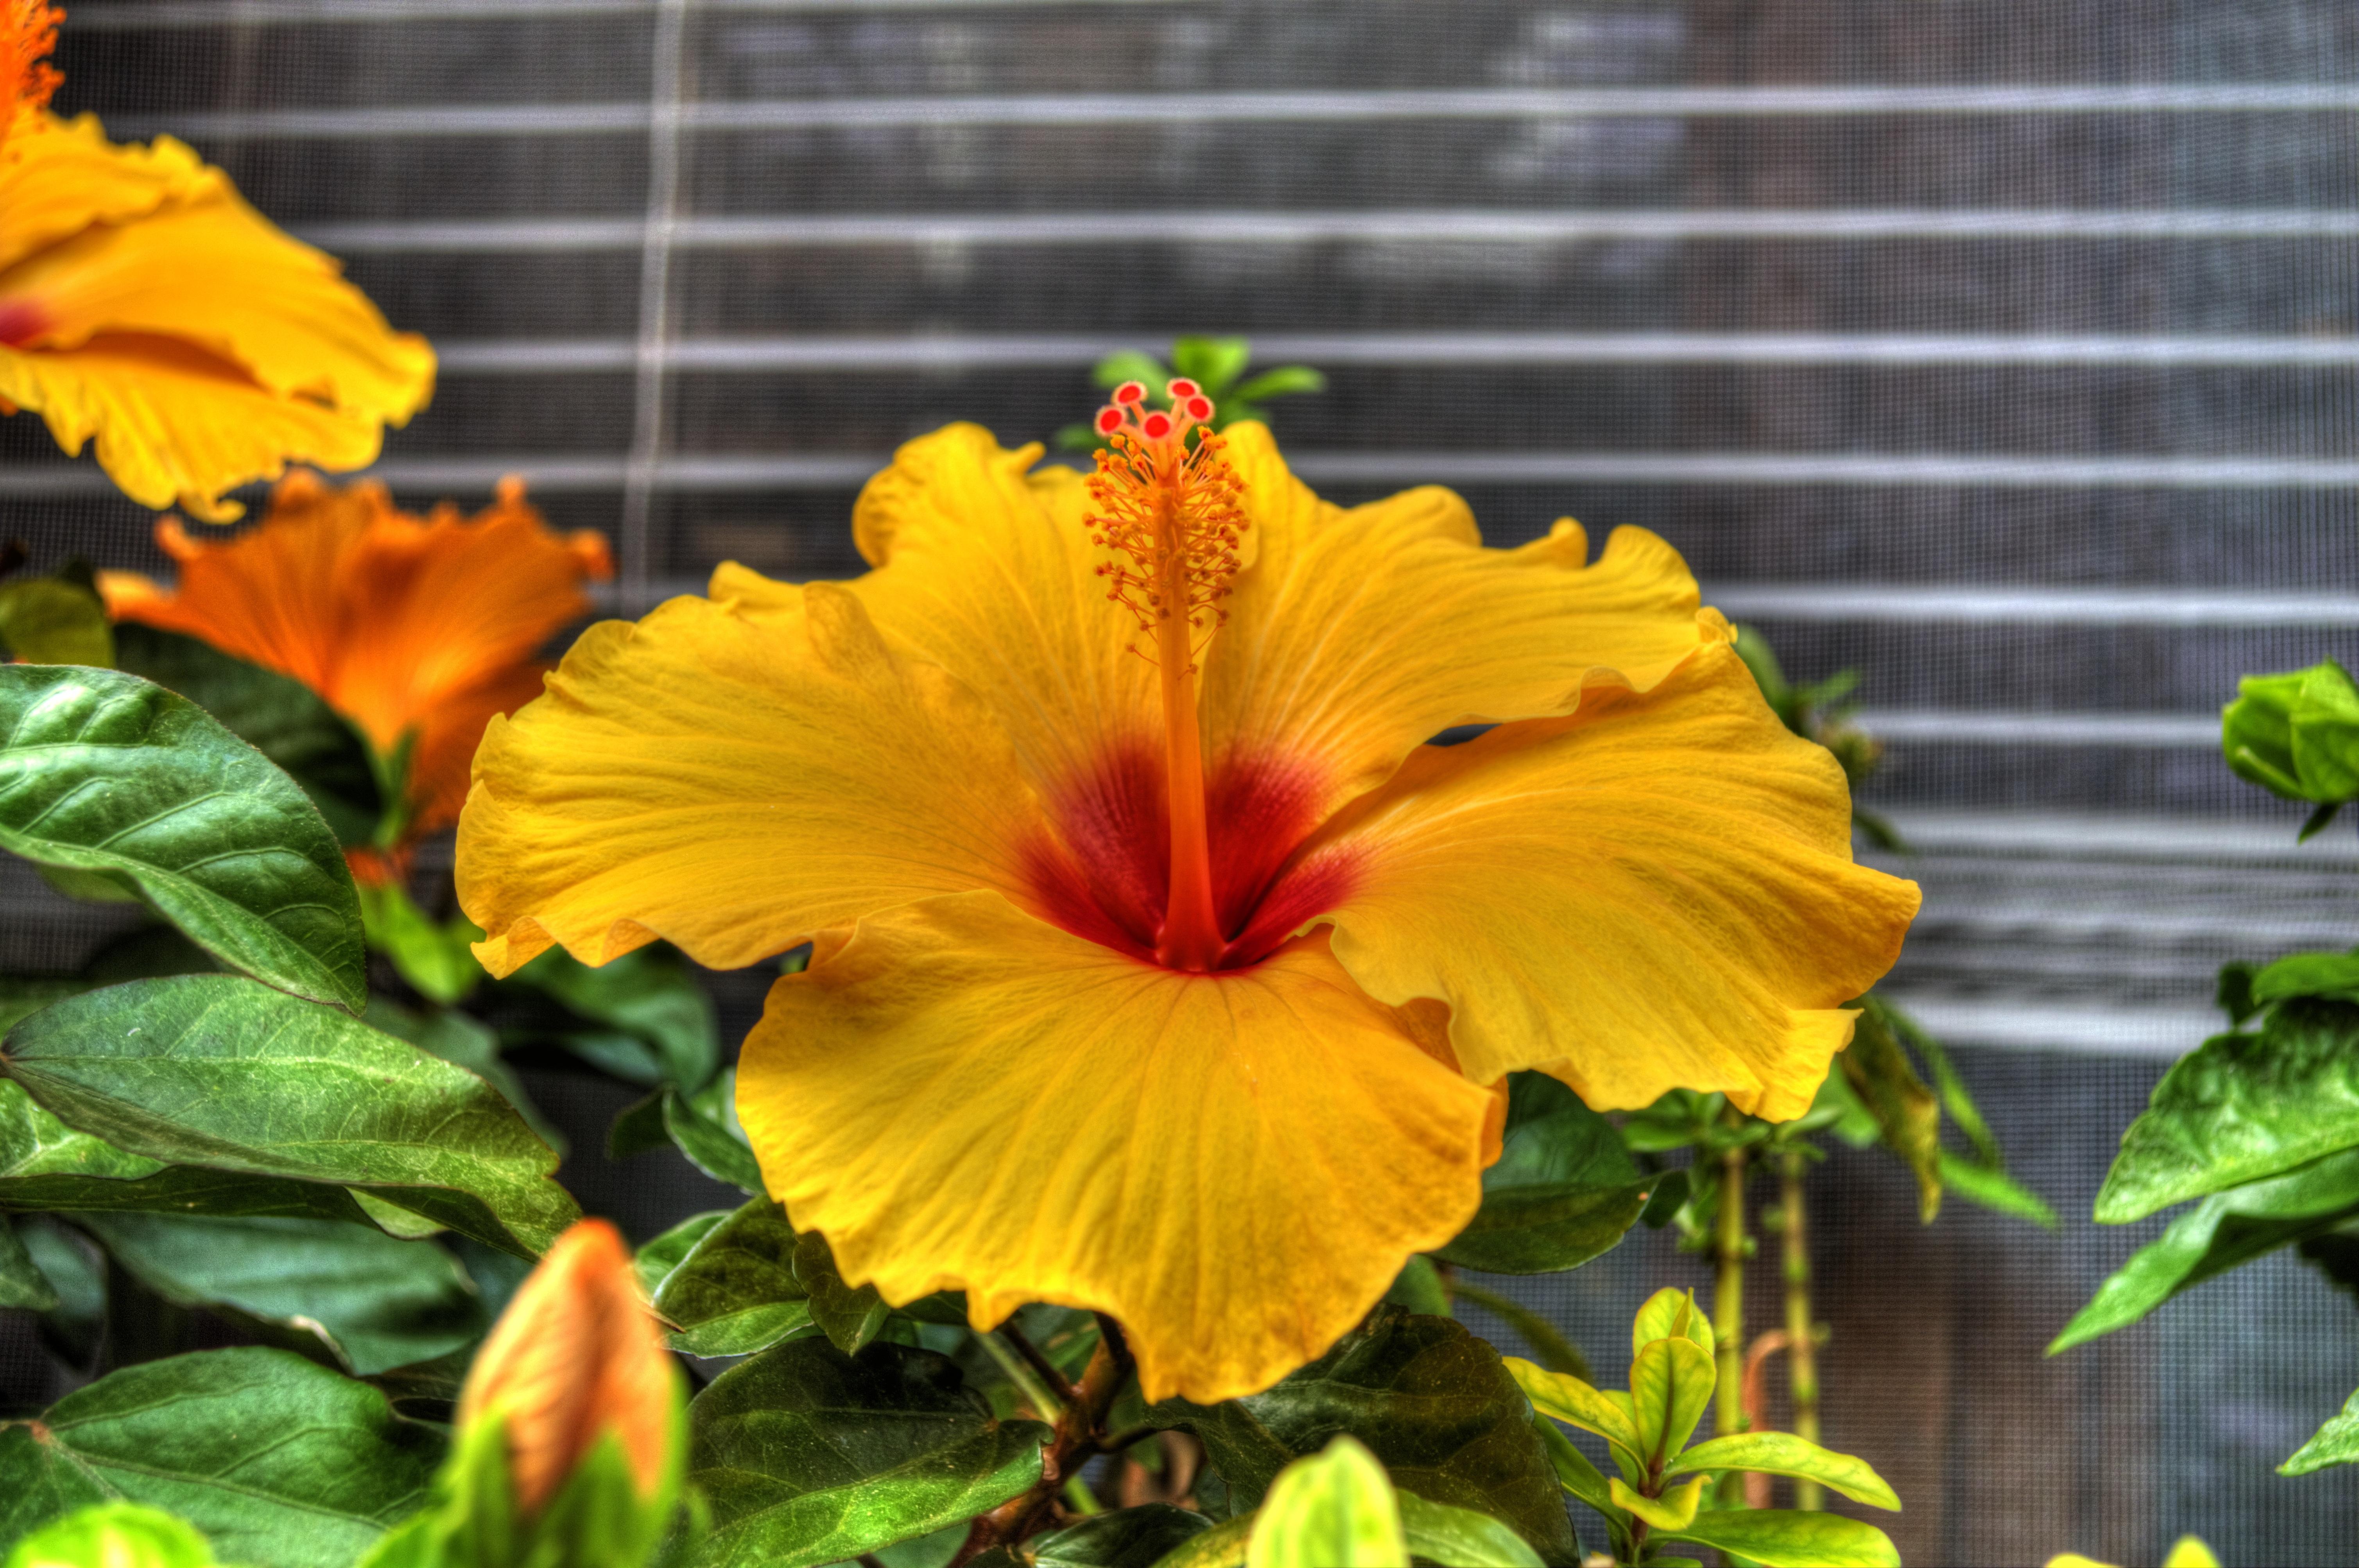 images gratuites : pissenlit, feuille, pétale, été, botanique